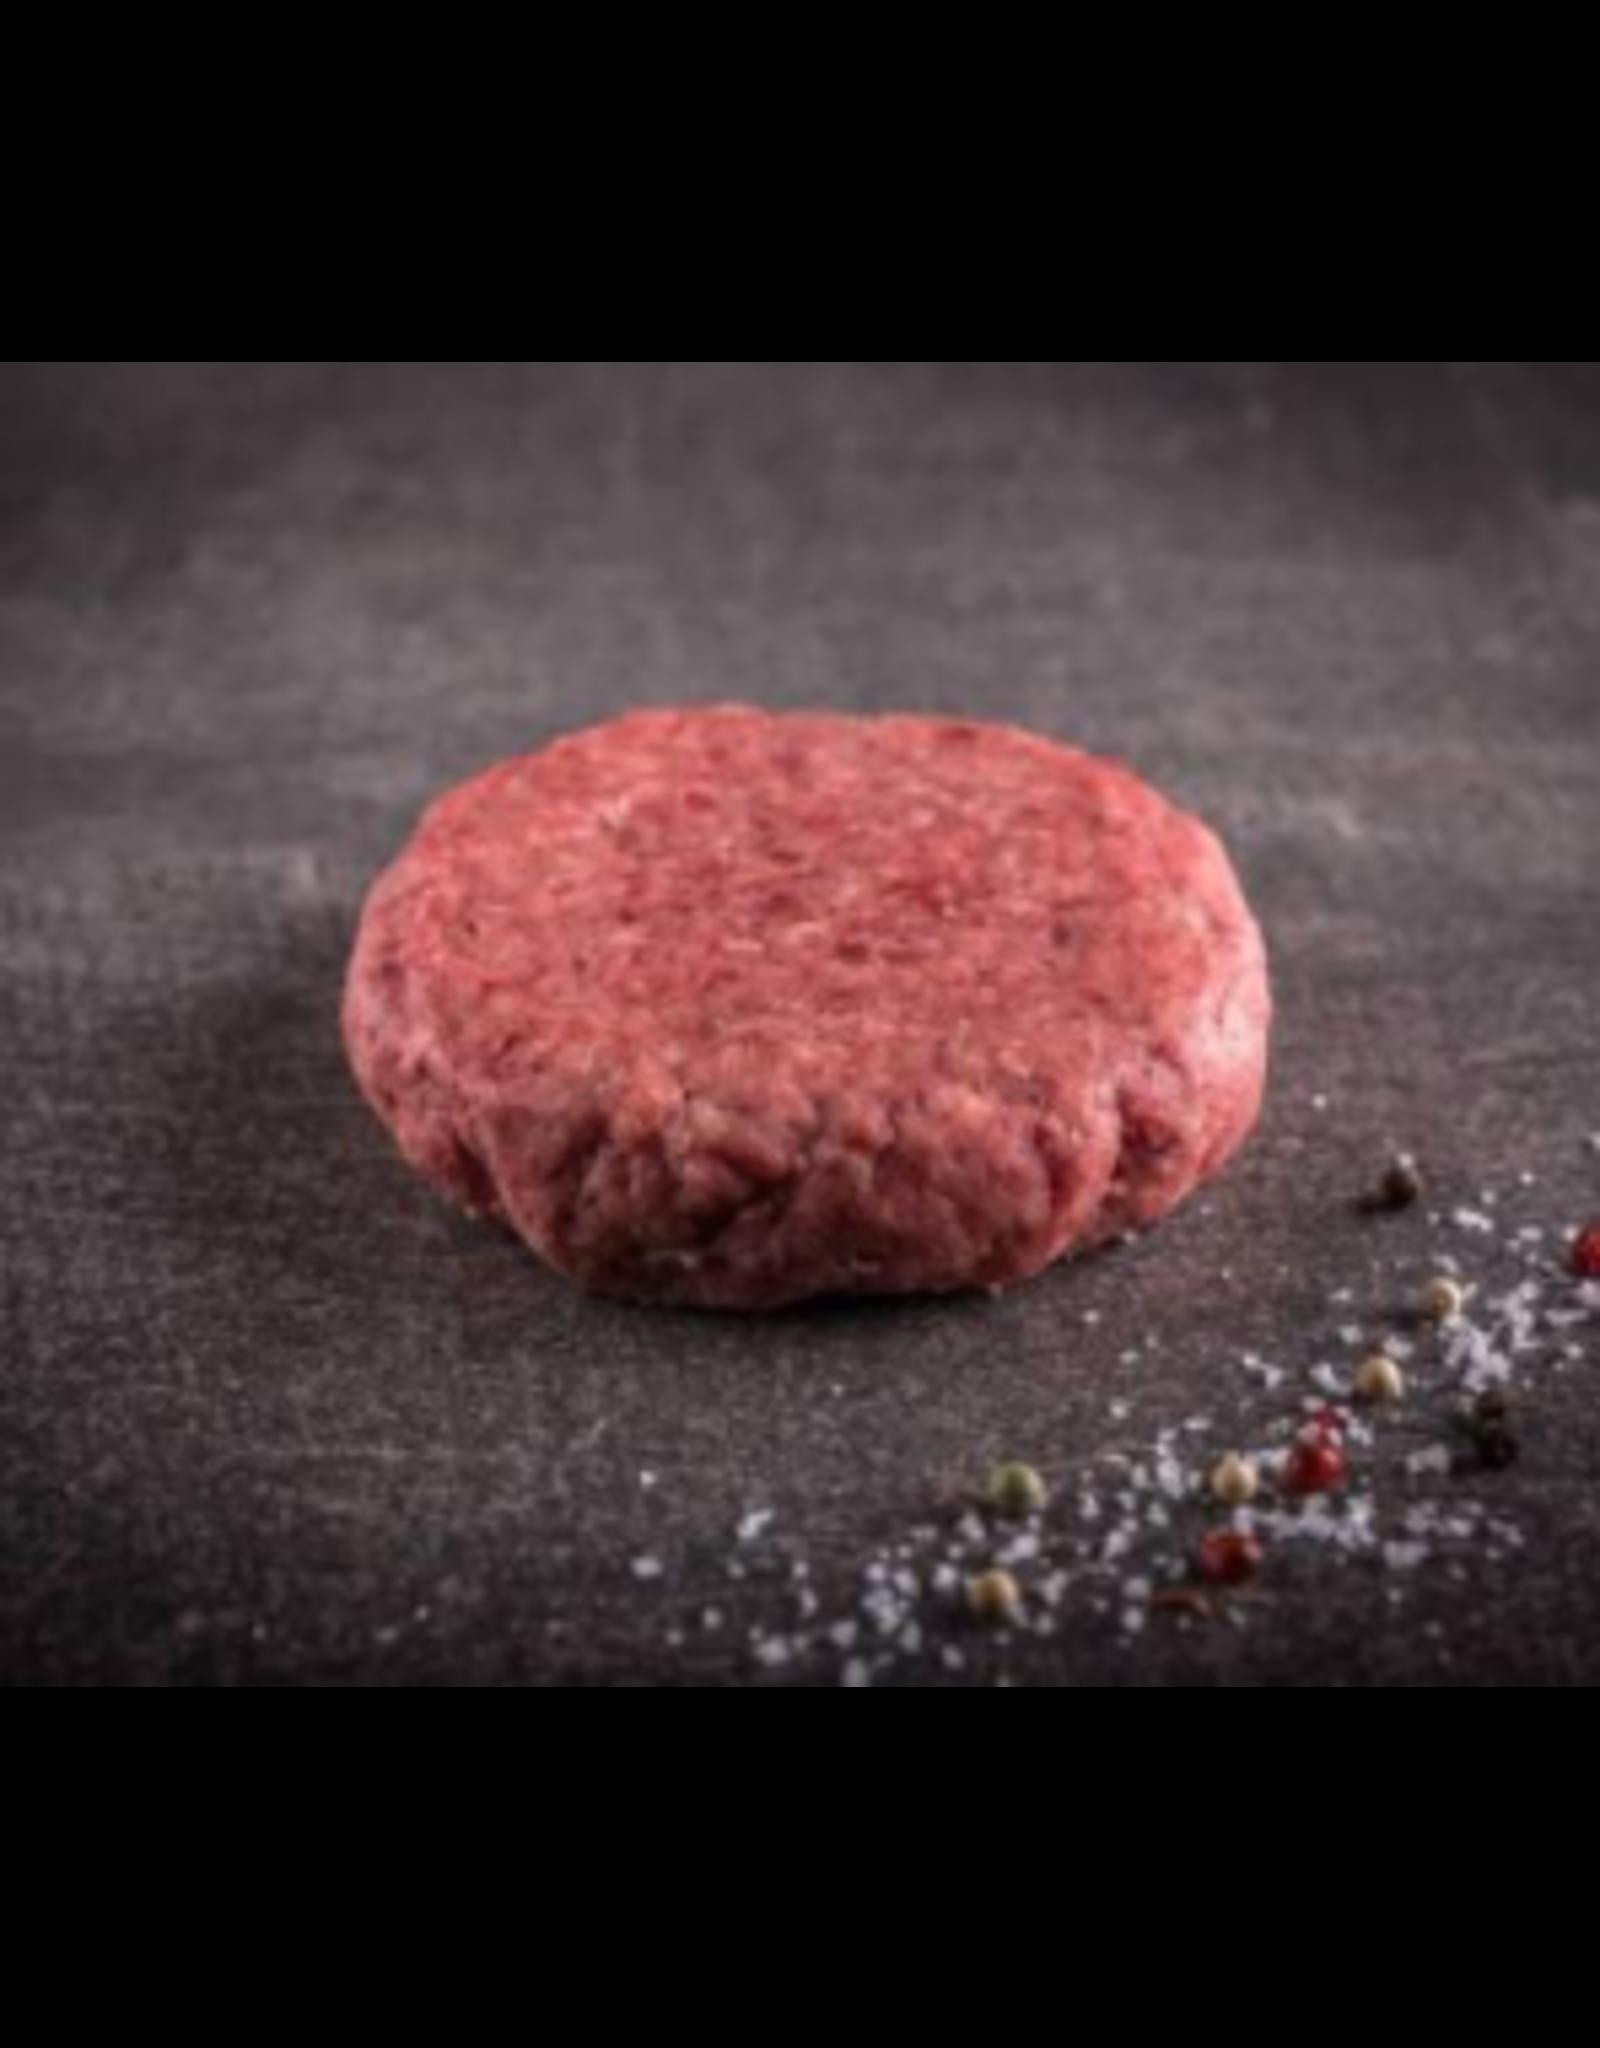 Beyond Burger 42x113g ❄️❄️❄️